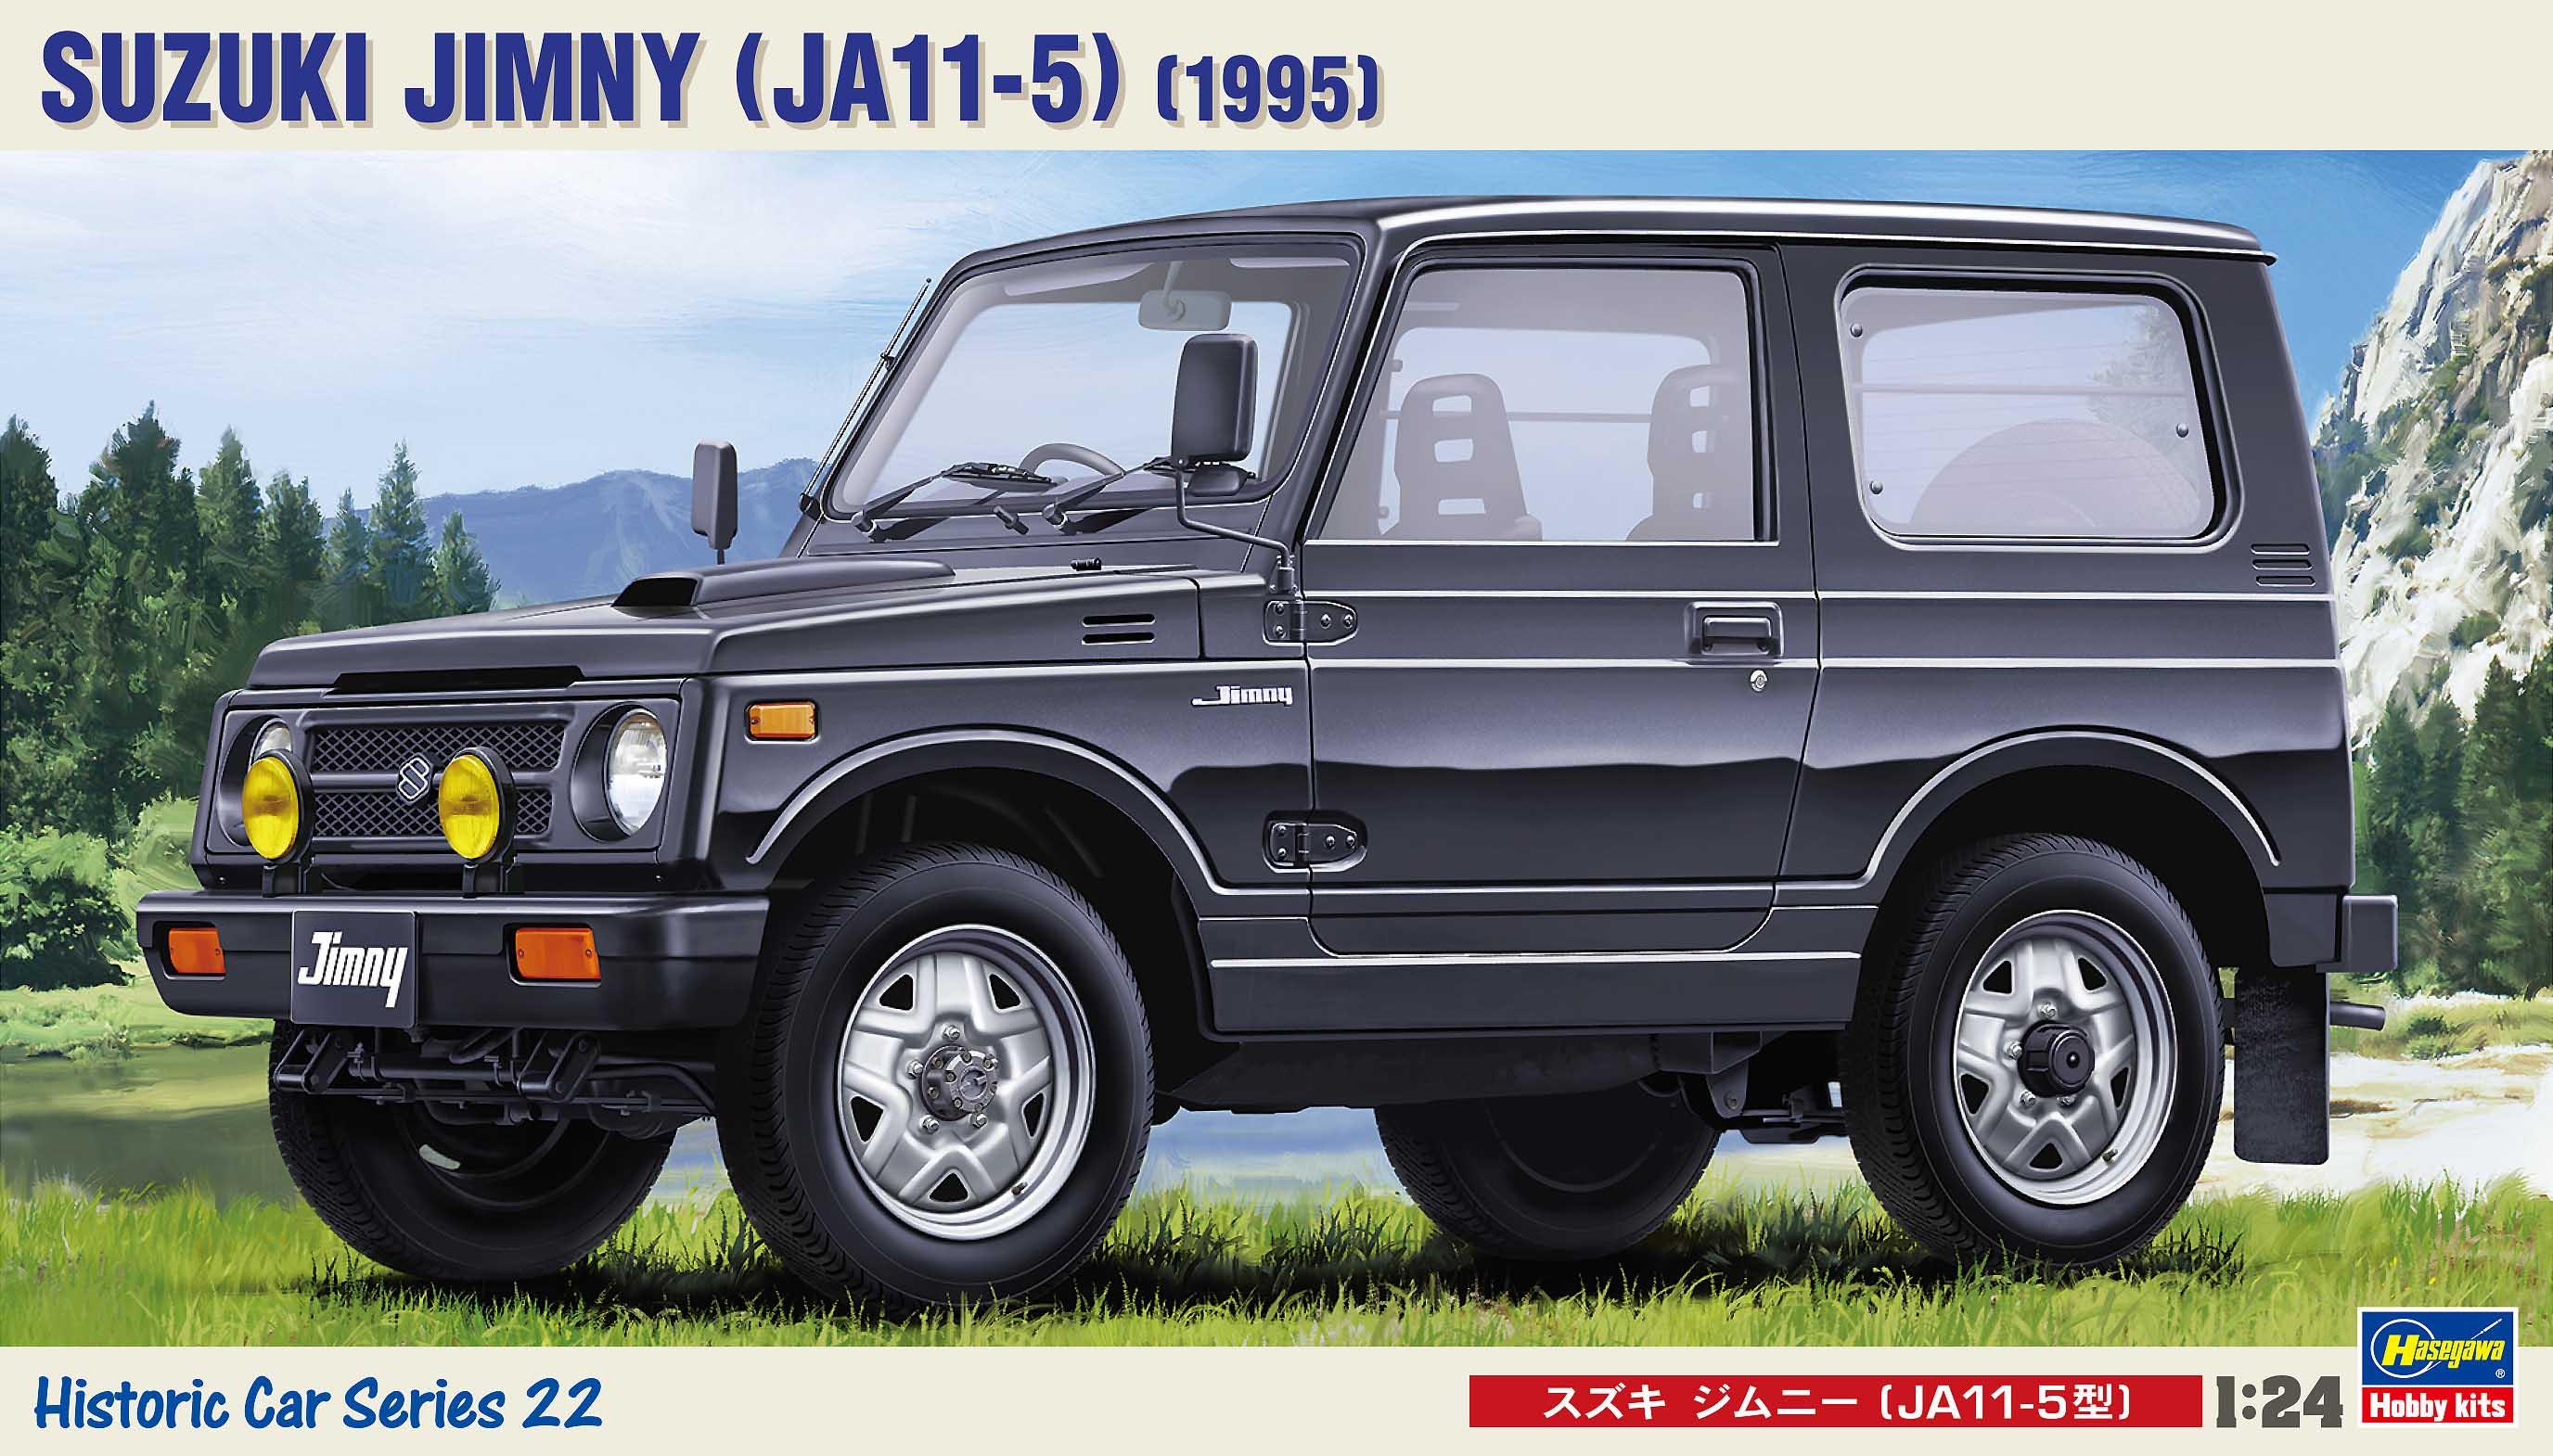 Hasegawa Suzuki Jimny (Ja11-5) HC22